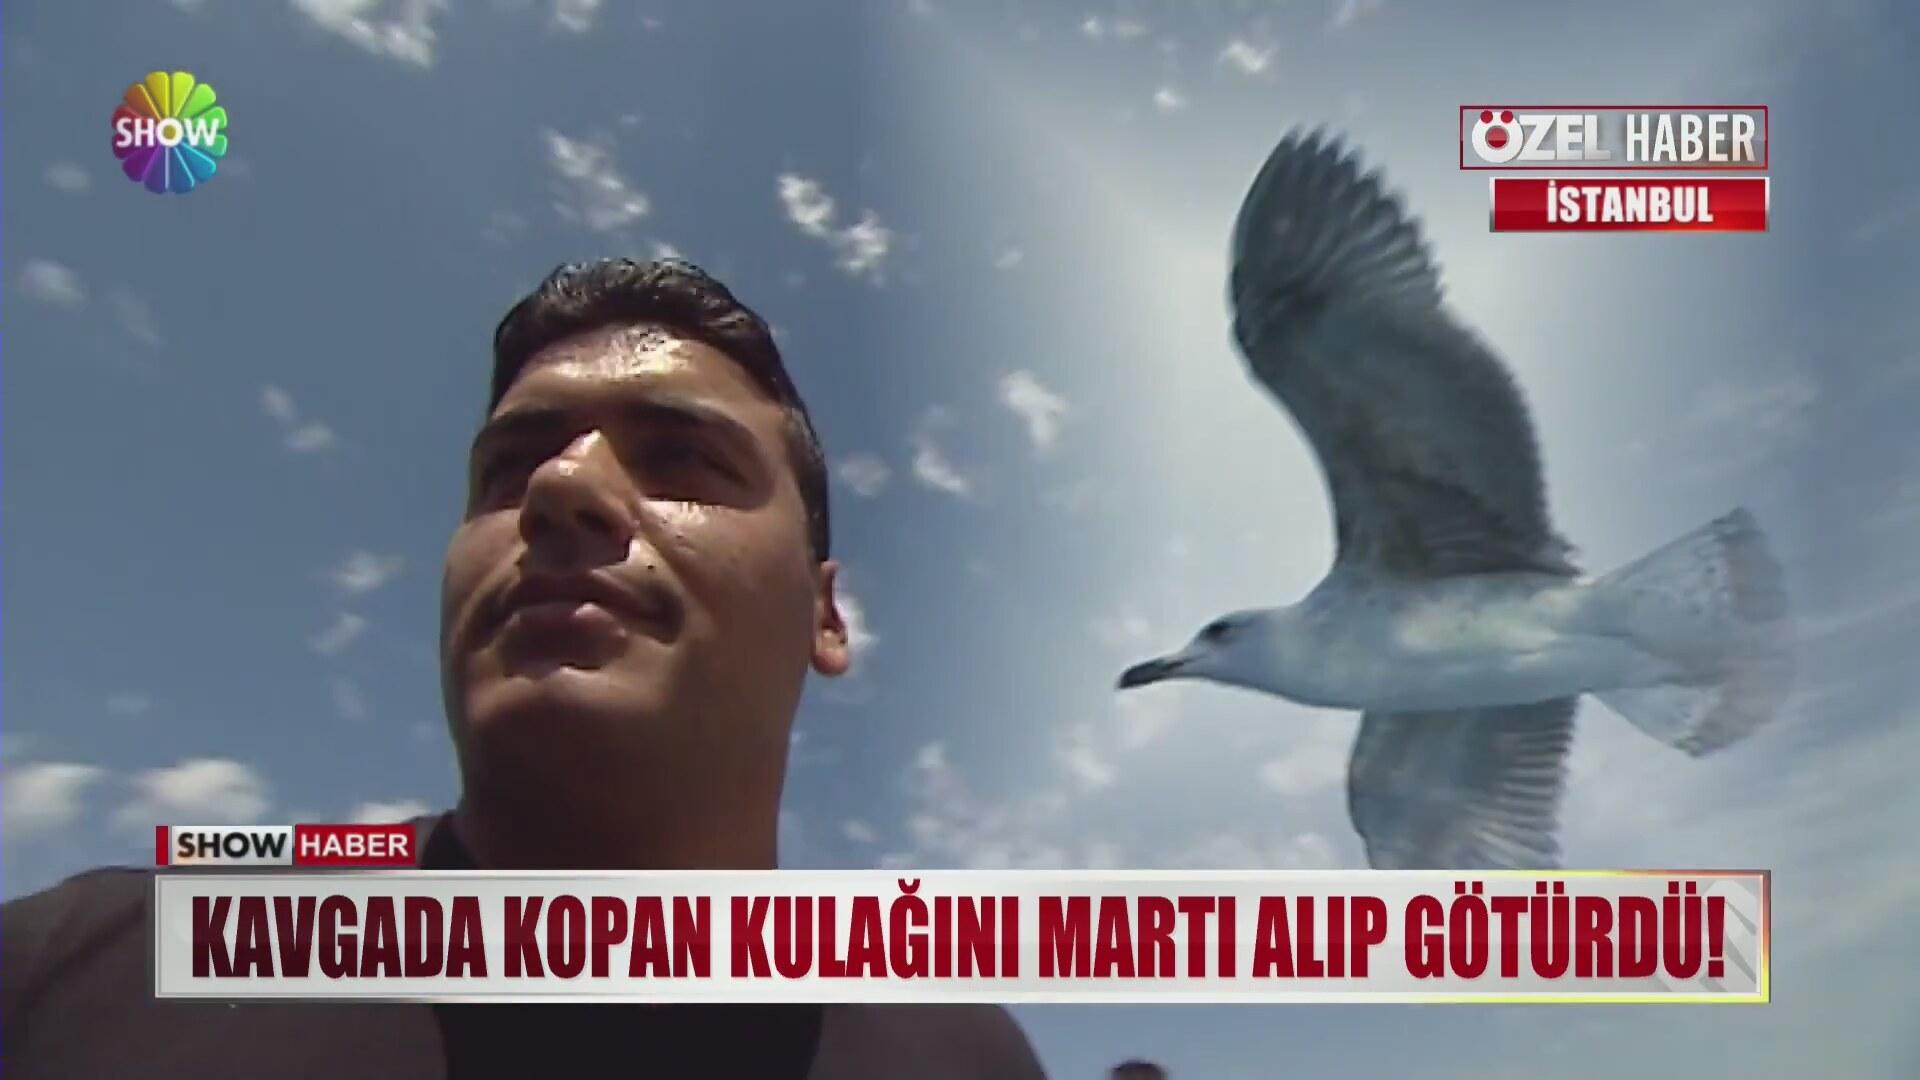 Türk Televizyon Tarihinden Beyin Yakan 15 Haber Örneği - 1